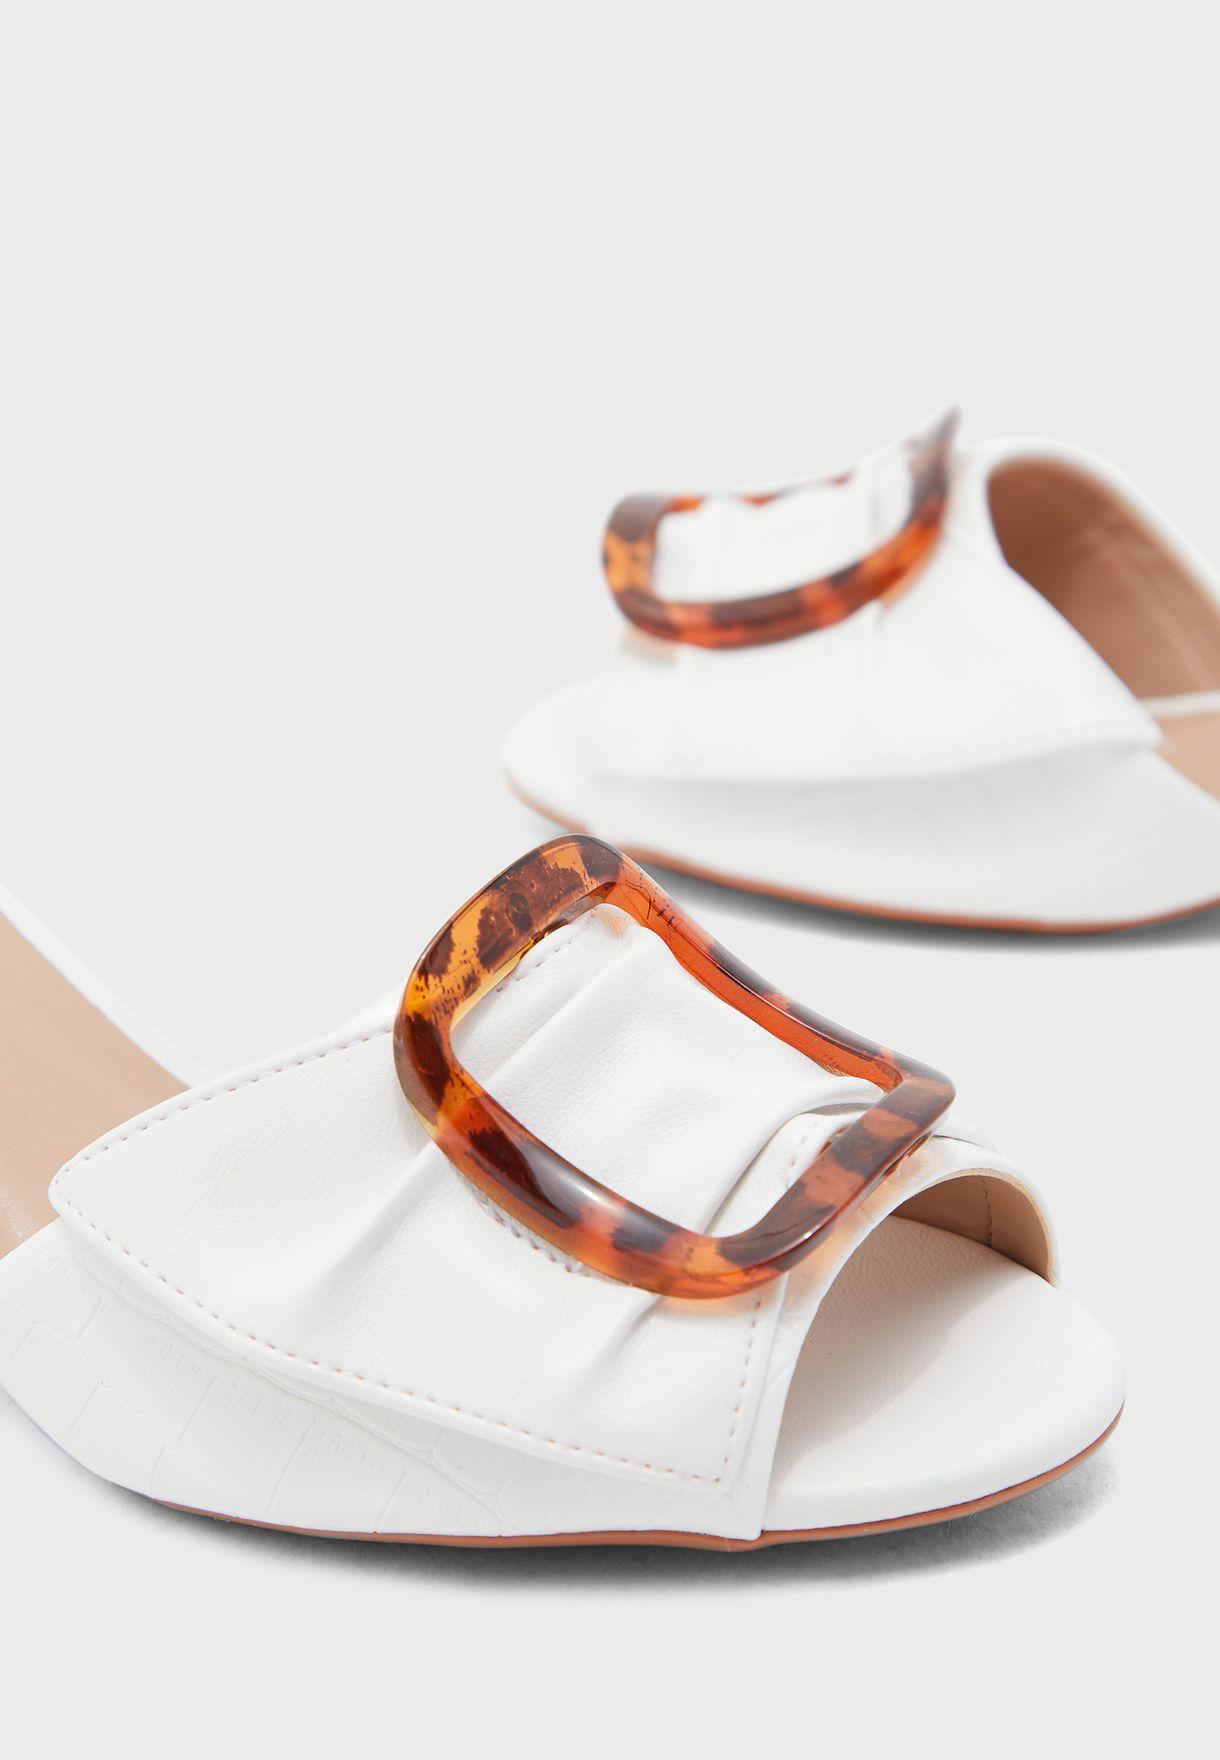 Wide Strap High Heel Sandal